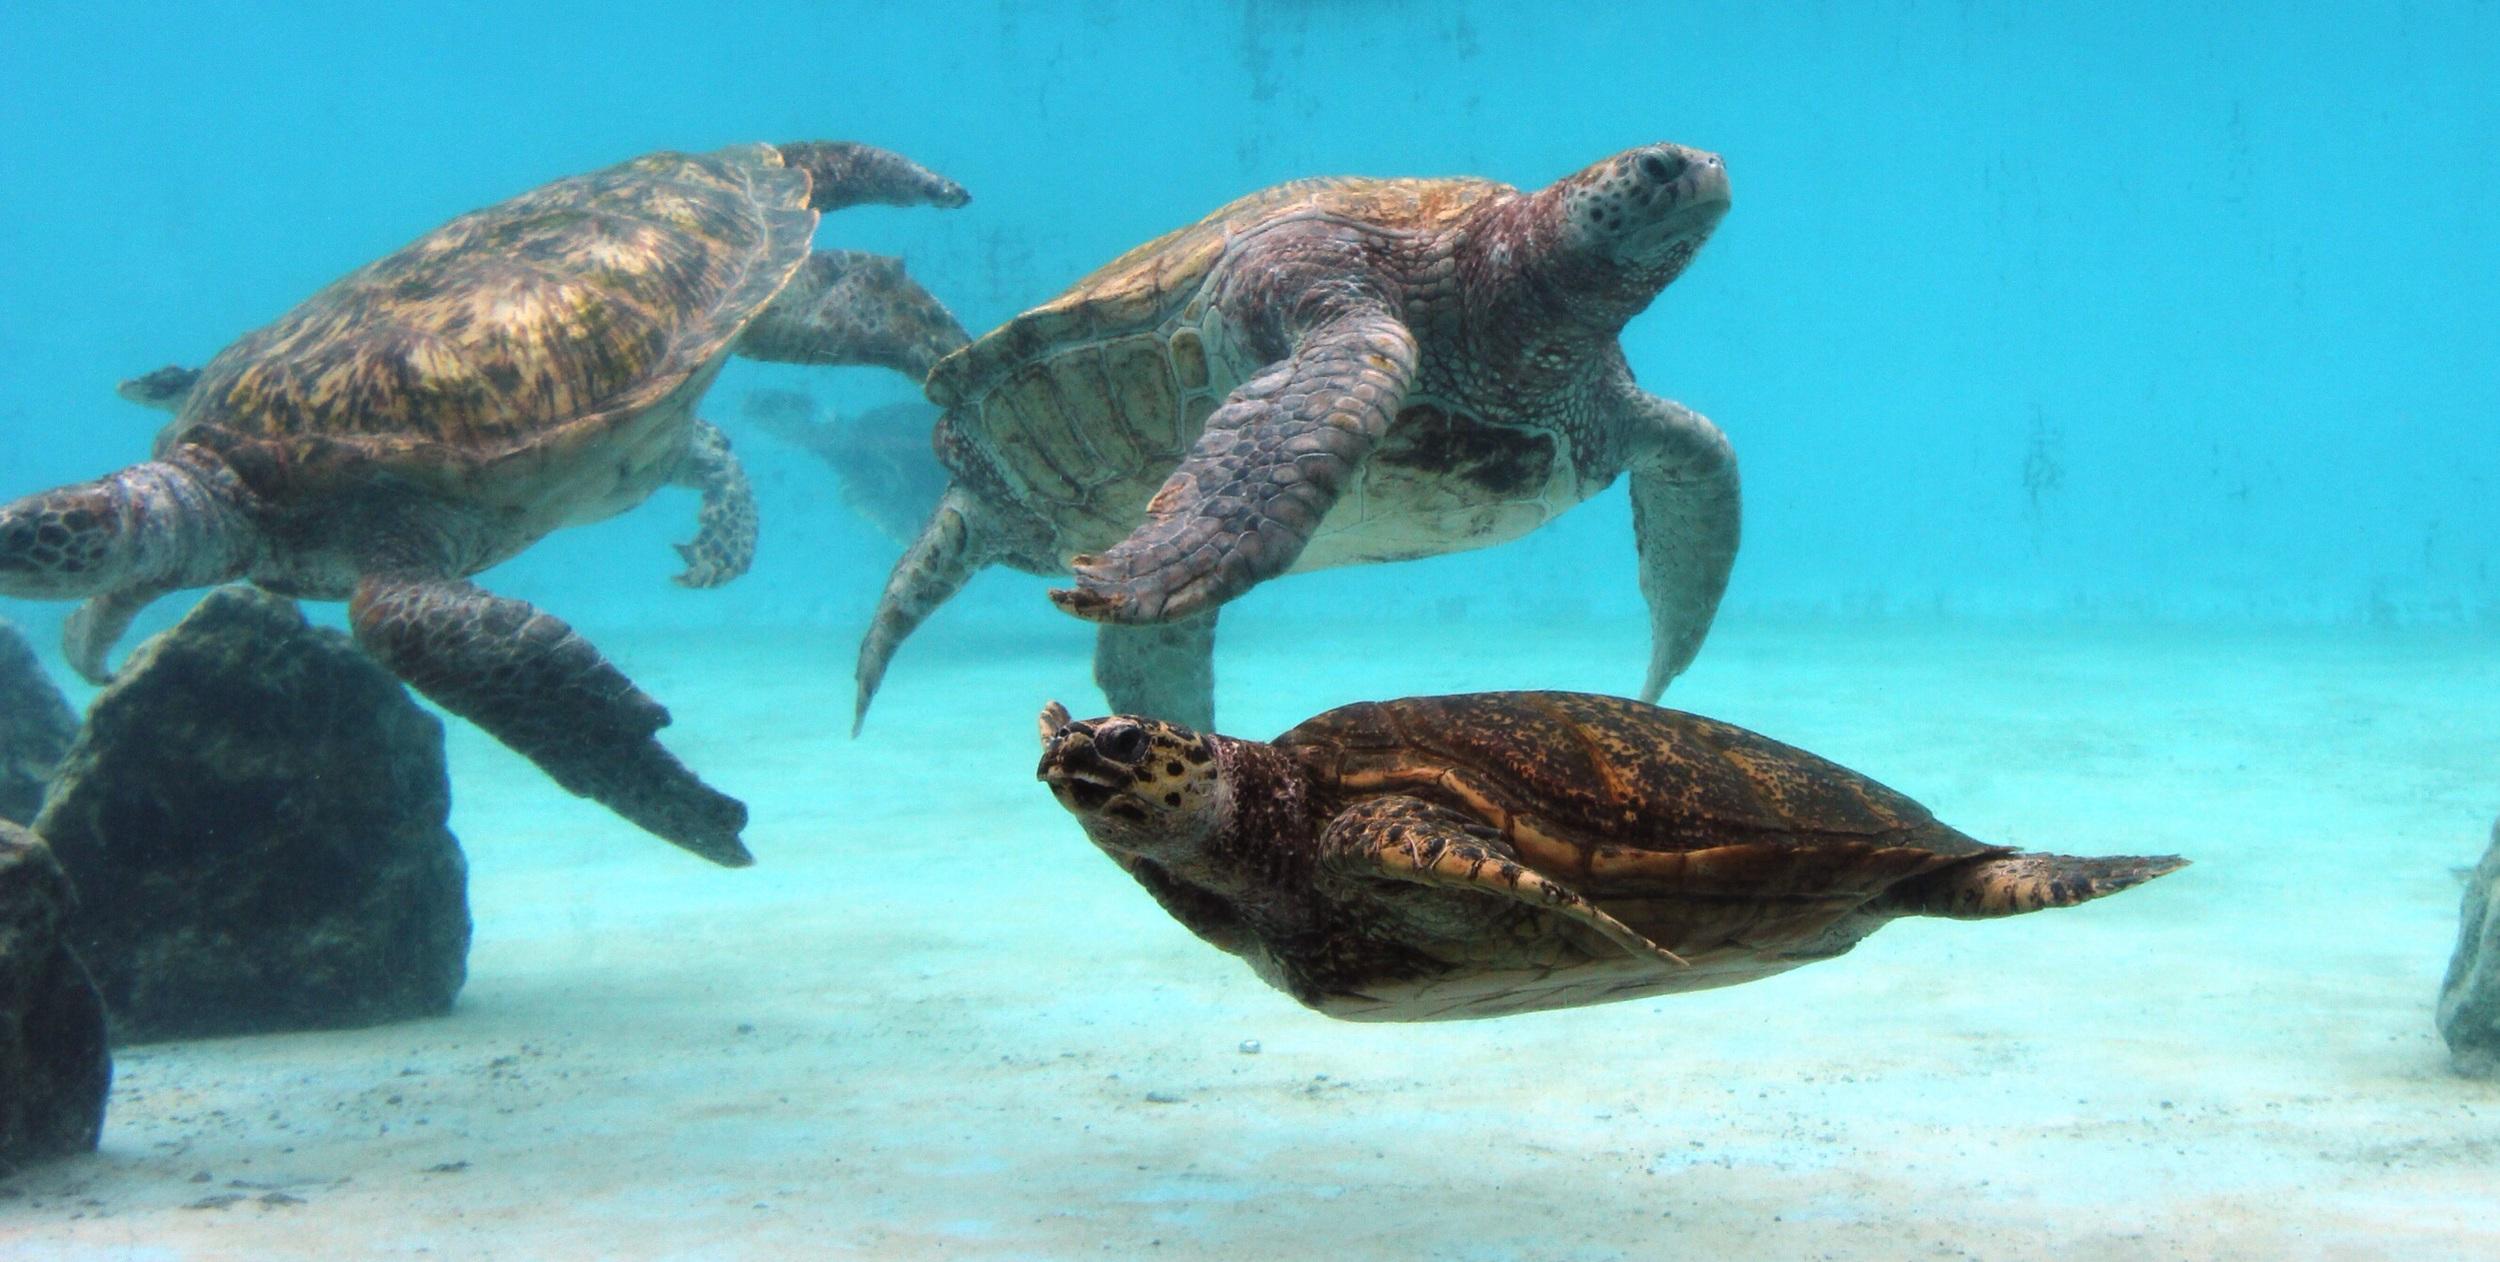 Sea turtles at the aquarium.